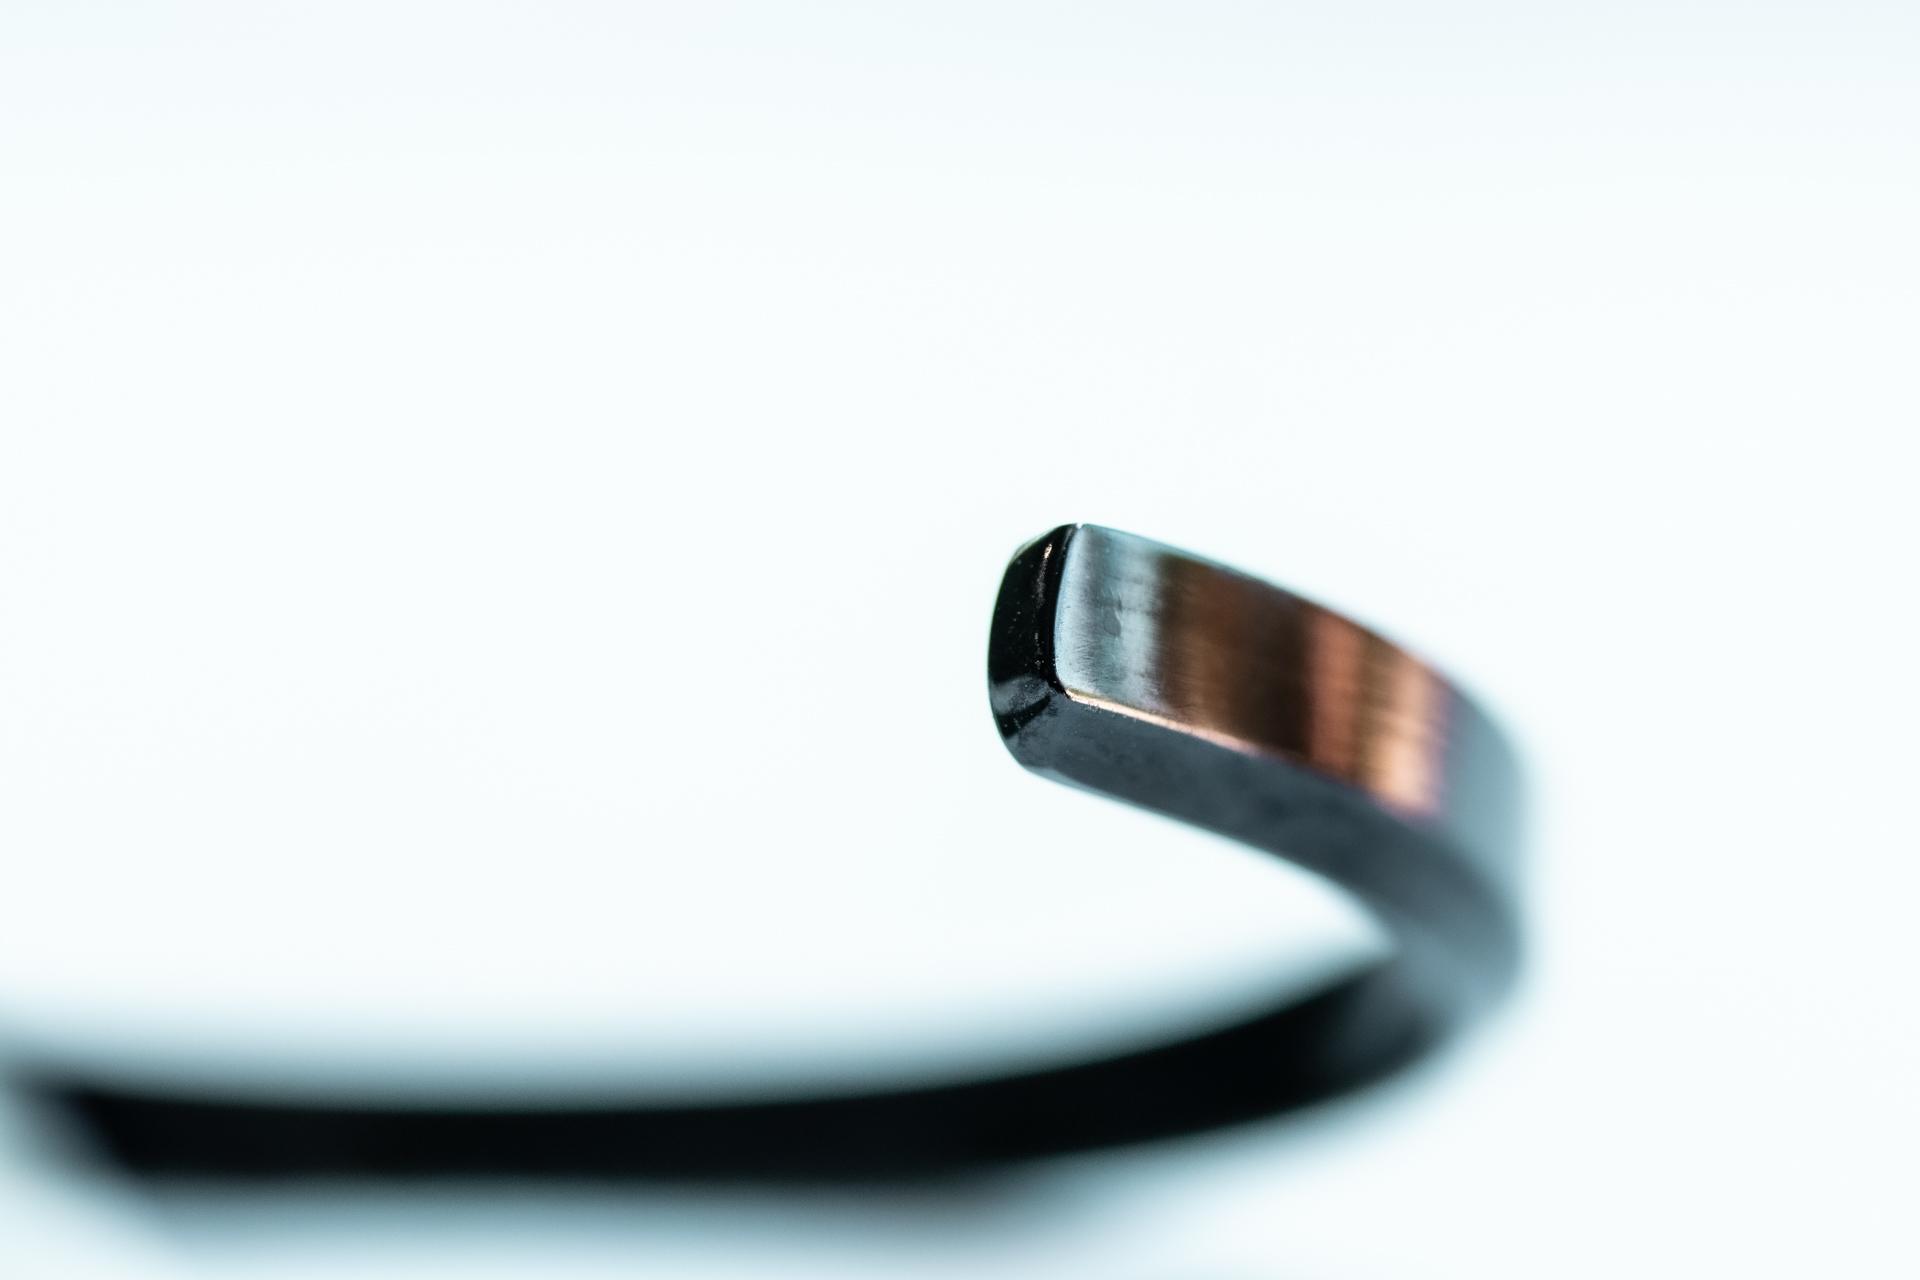 BPP 07 - Metal bracelet IG-3.jpg